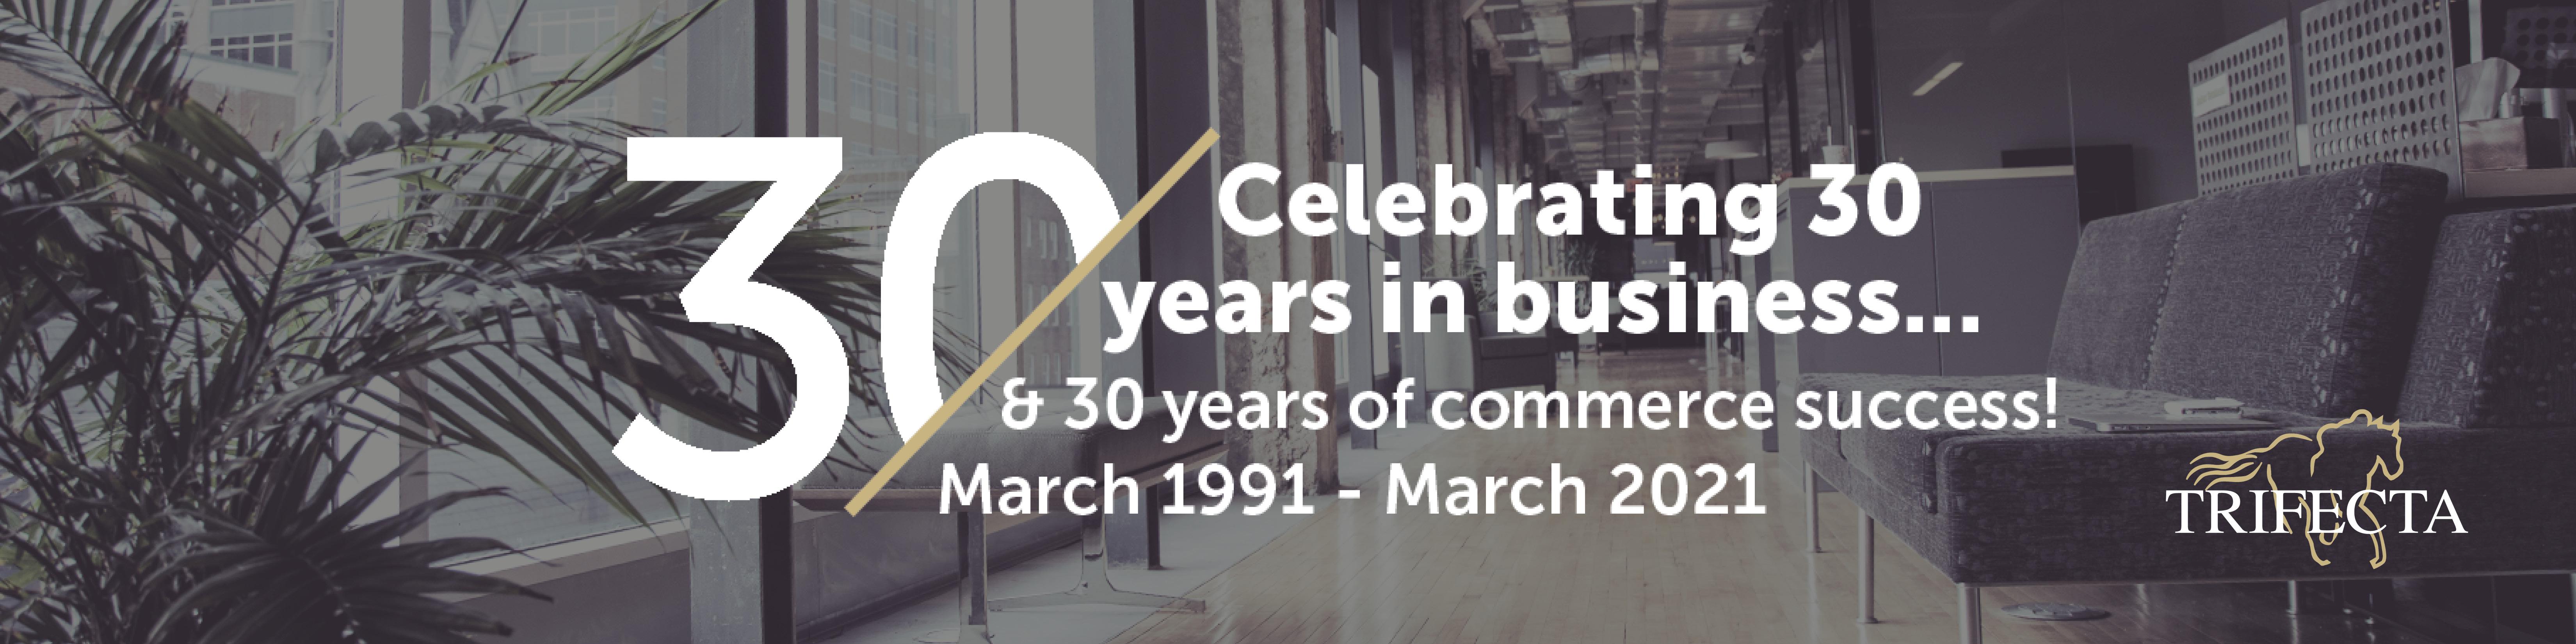 Trifecta 30 Year Celebration